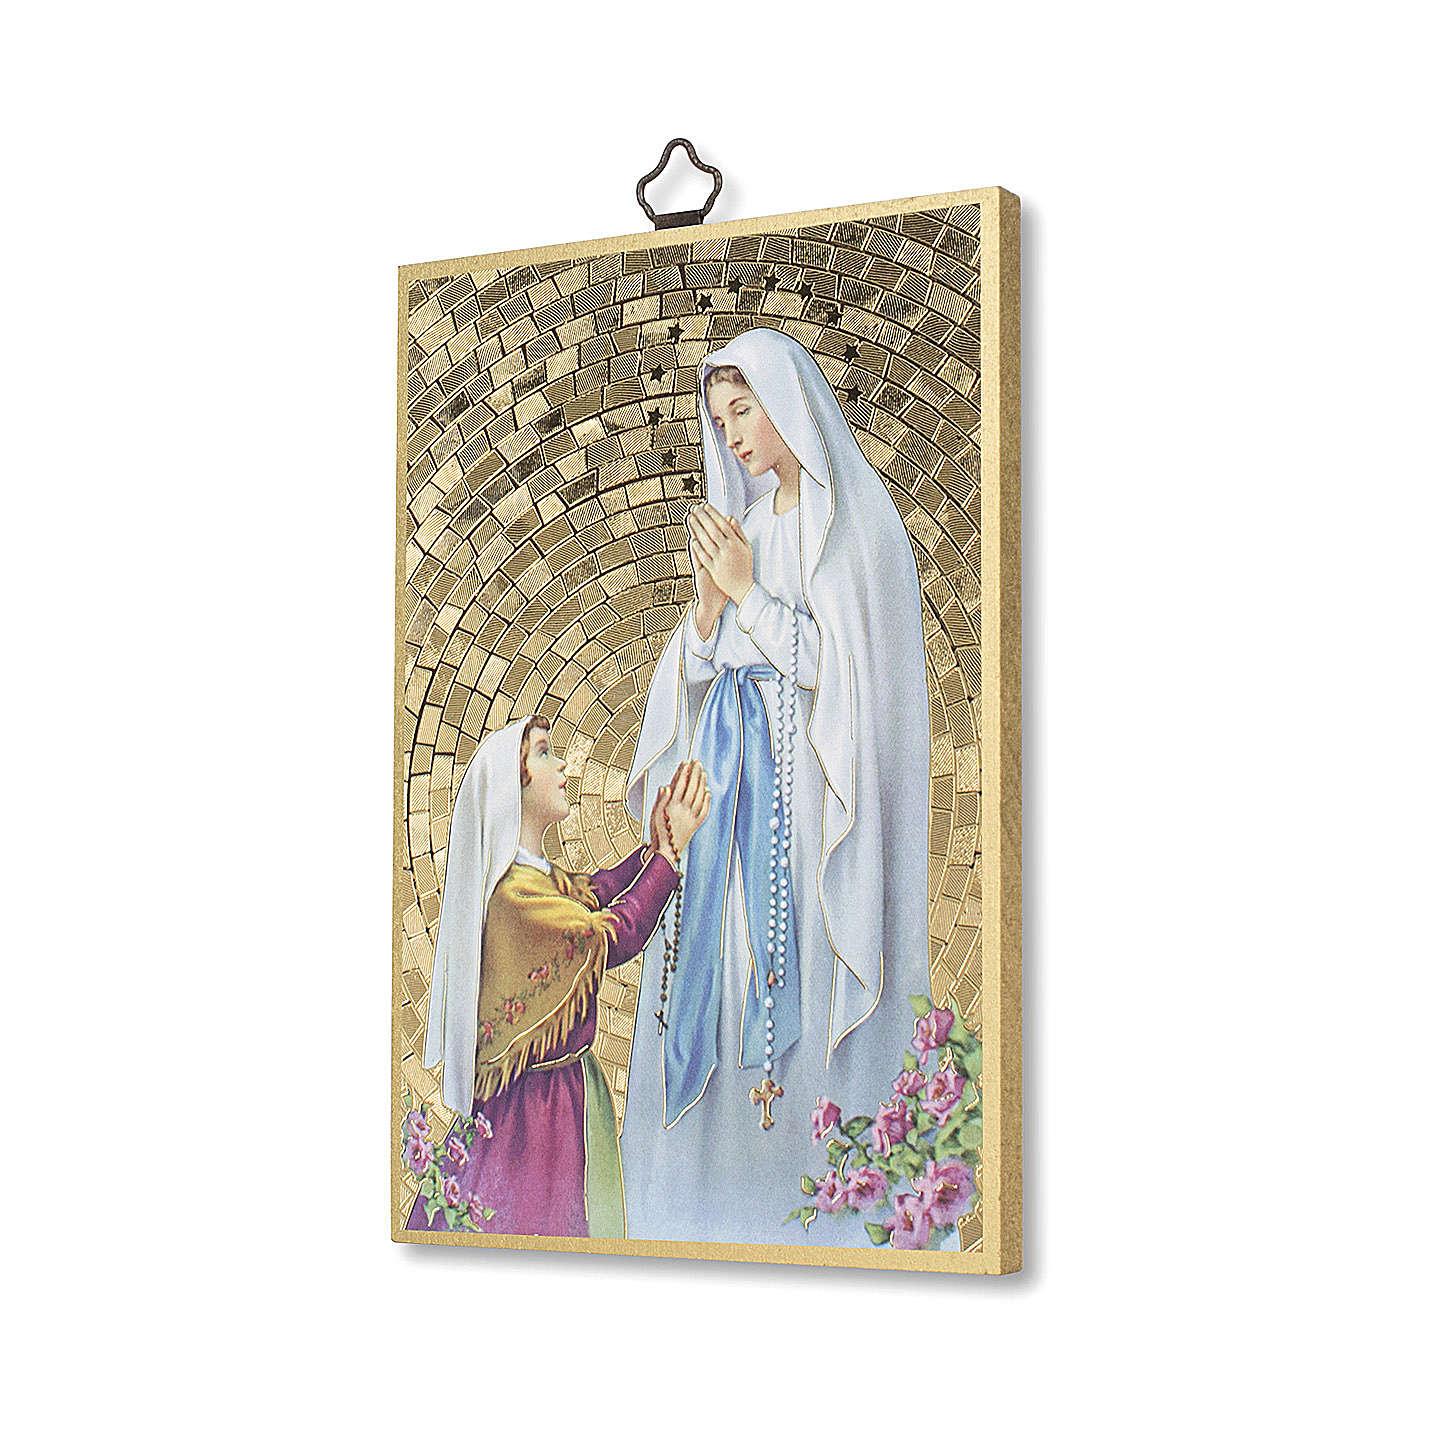 Impression sur bois Apparition de Lourdes avec Bernadette Neuvaine Lourdes ITA 3